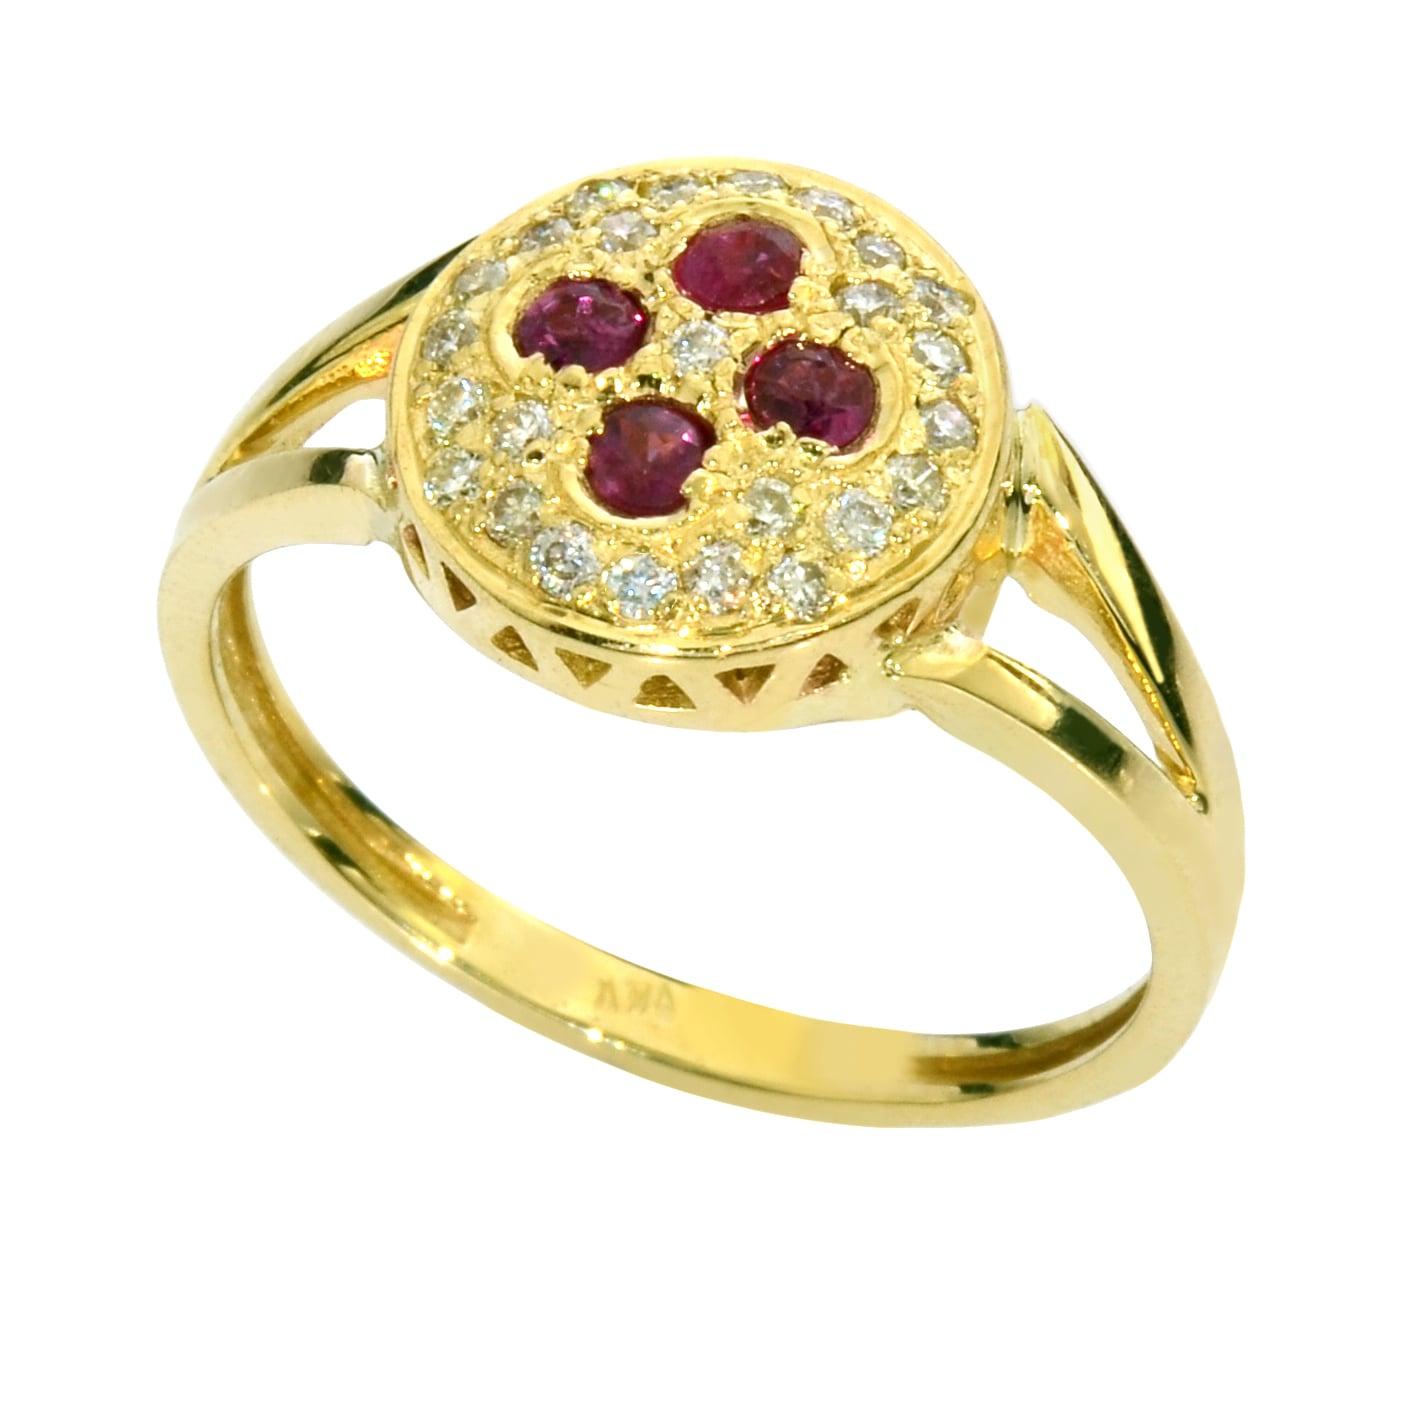 טבעת זהב 14K משובצת רובי ויהלומים 0.75 קראט